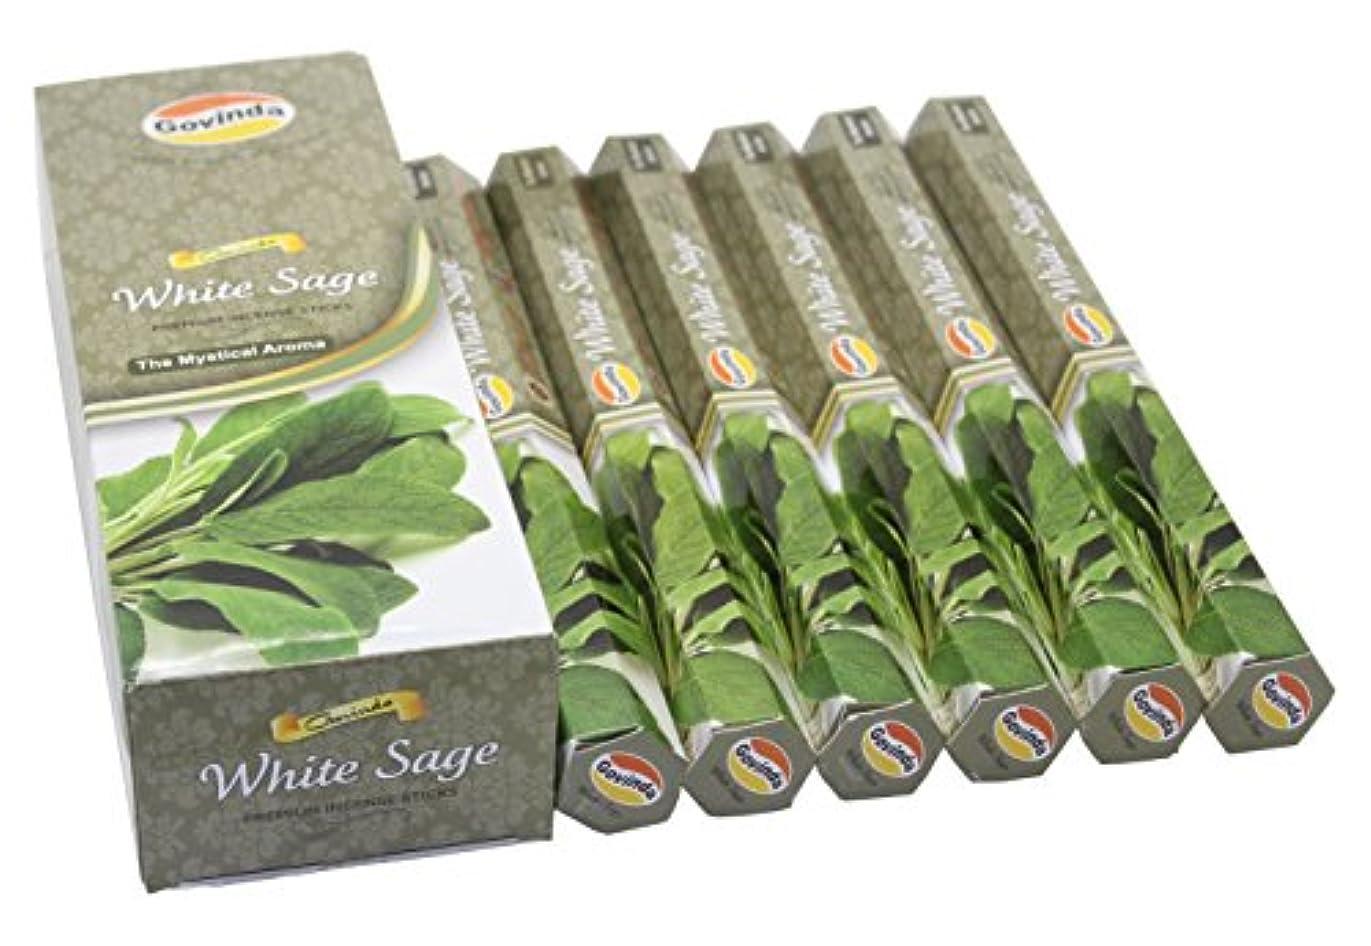 適切に慎重遺伝子Govinda Incense - White Sage - 120 Incense Sticks, Premium Incense, Masala Coated